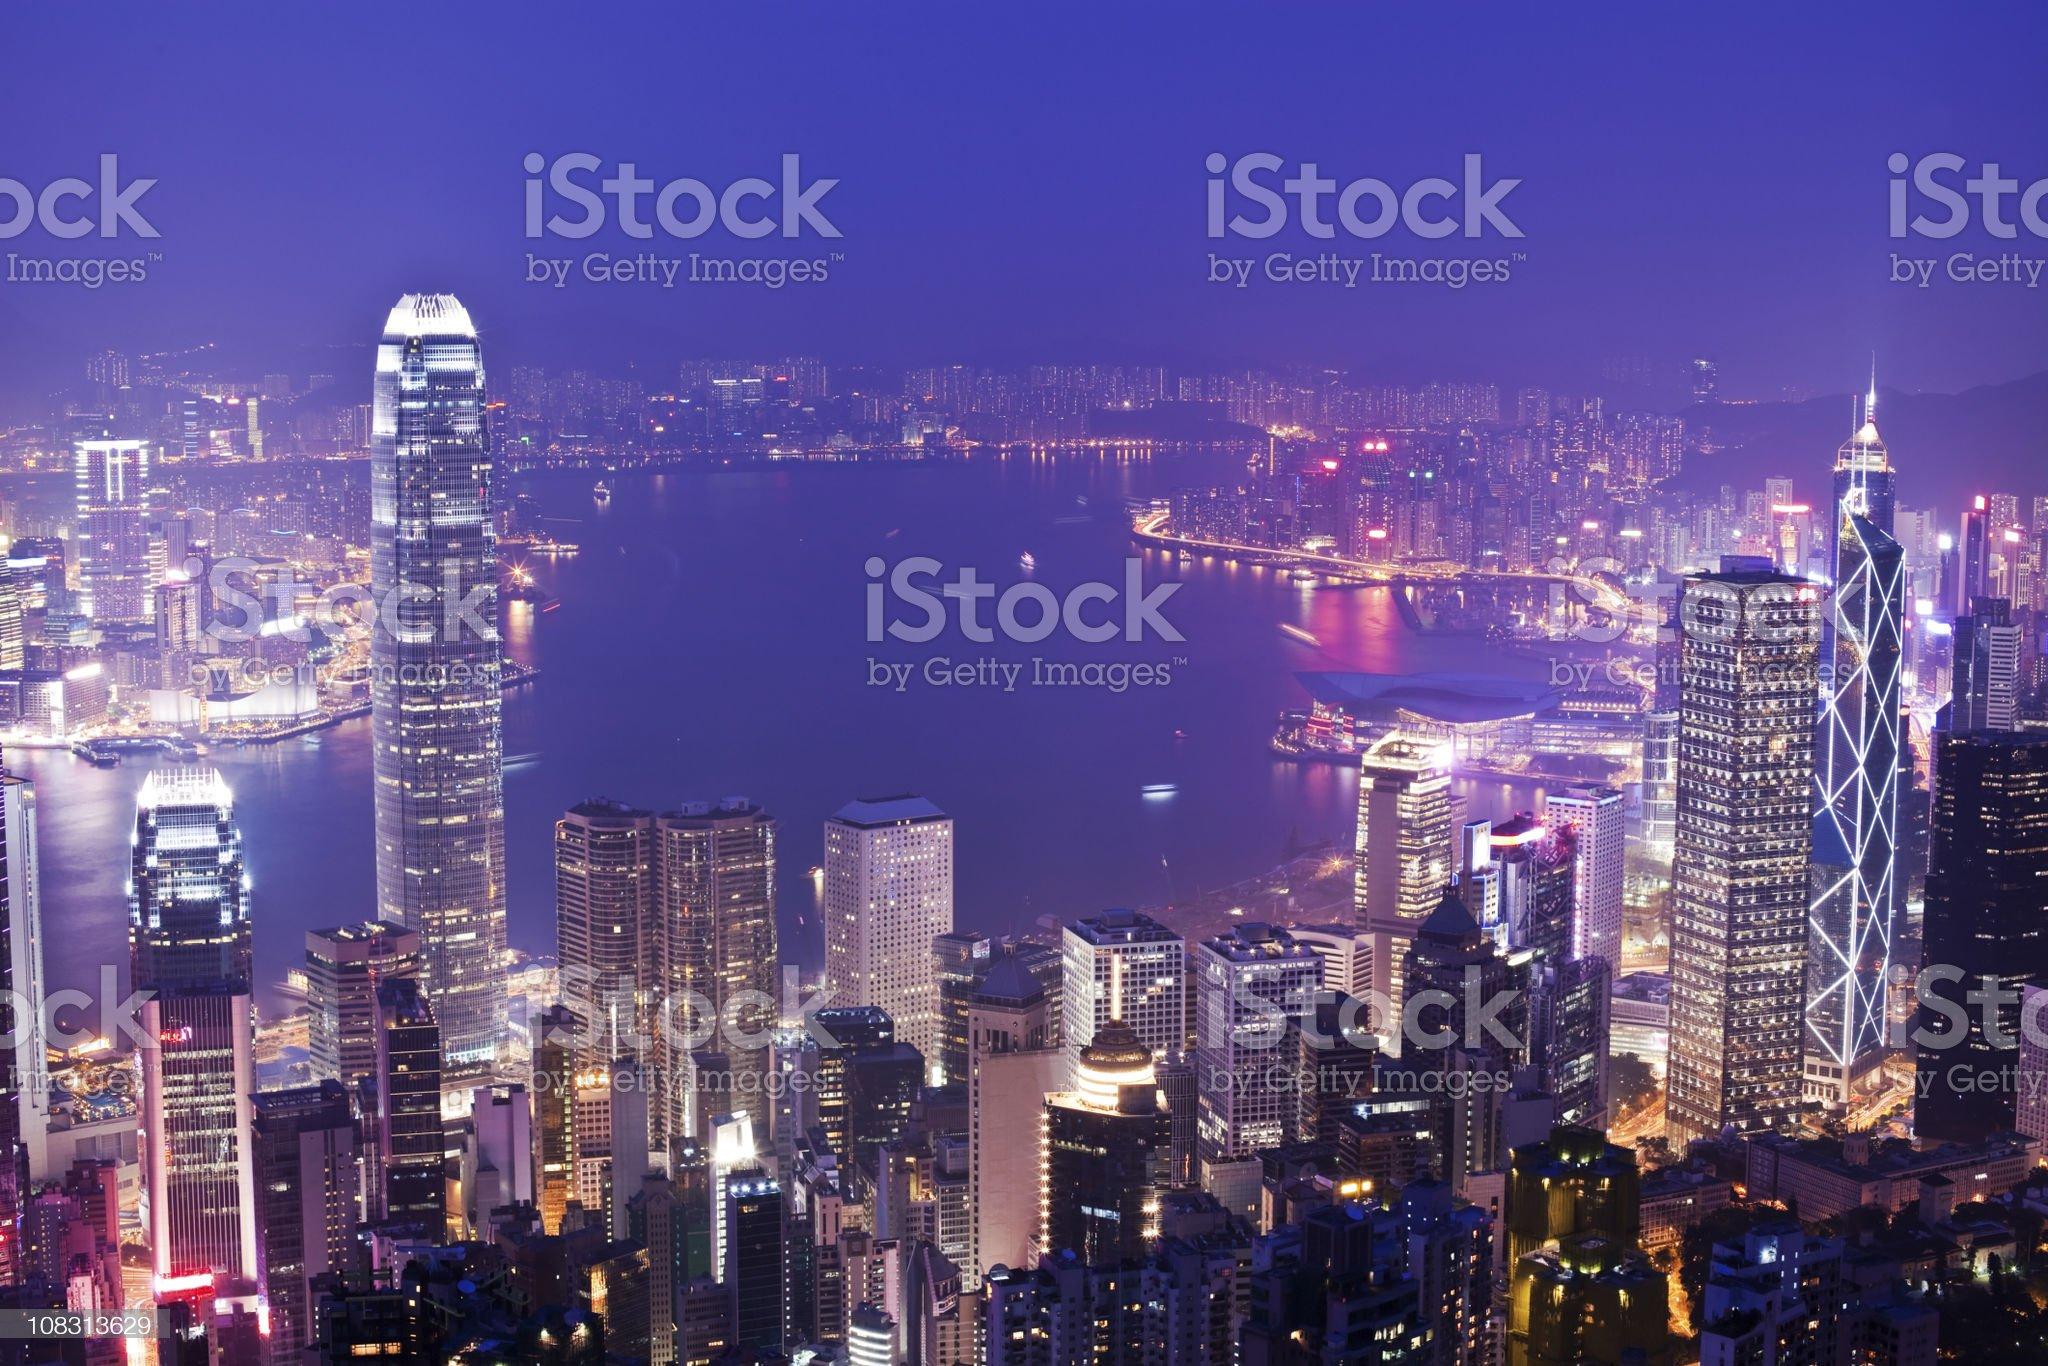 Hong Kong at night (XXXL) royalty-free stock photo